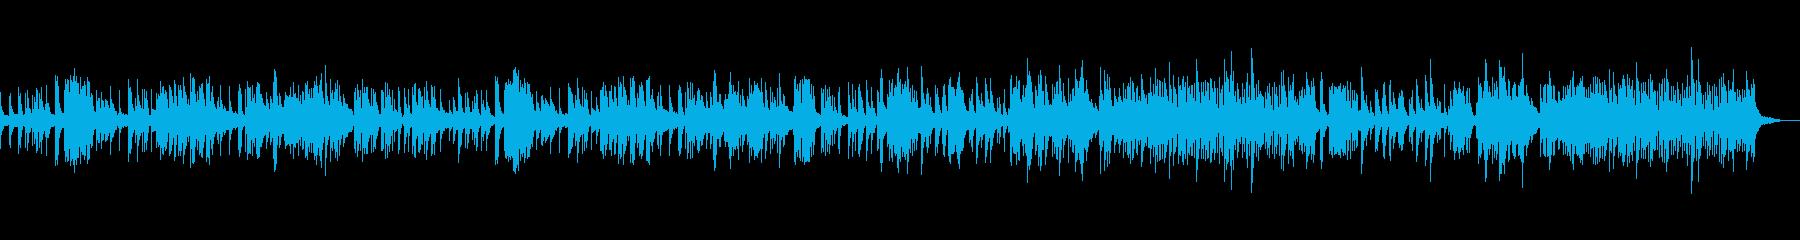 真夜中のゴルトベルク変奏曲 BWV988の再生済みの波形